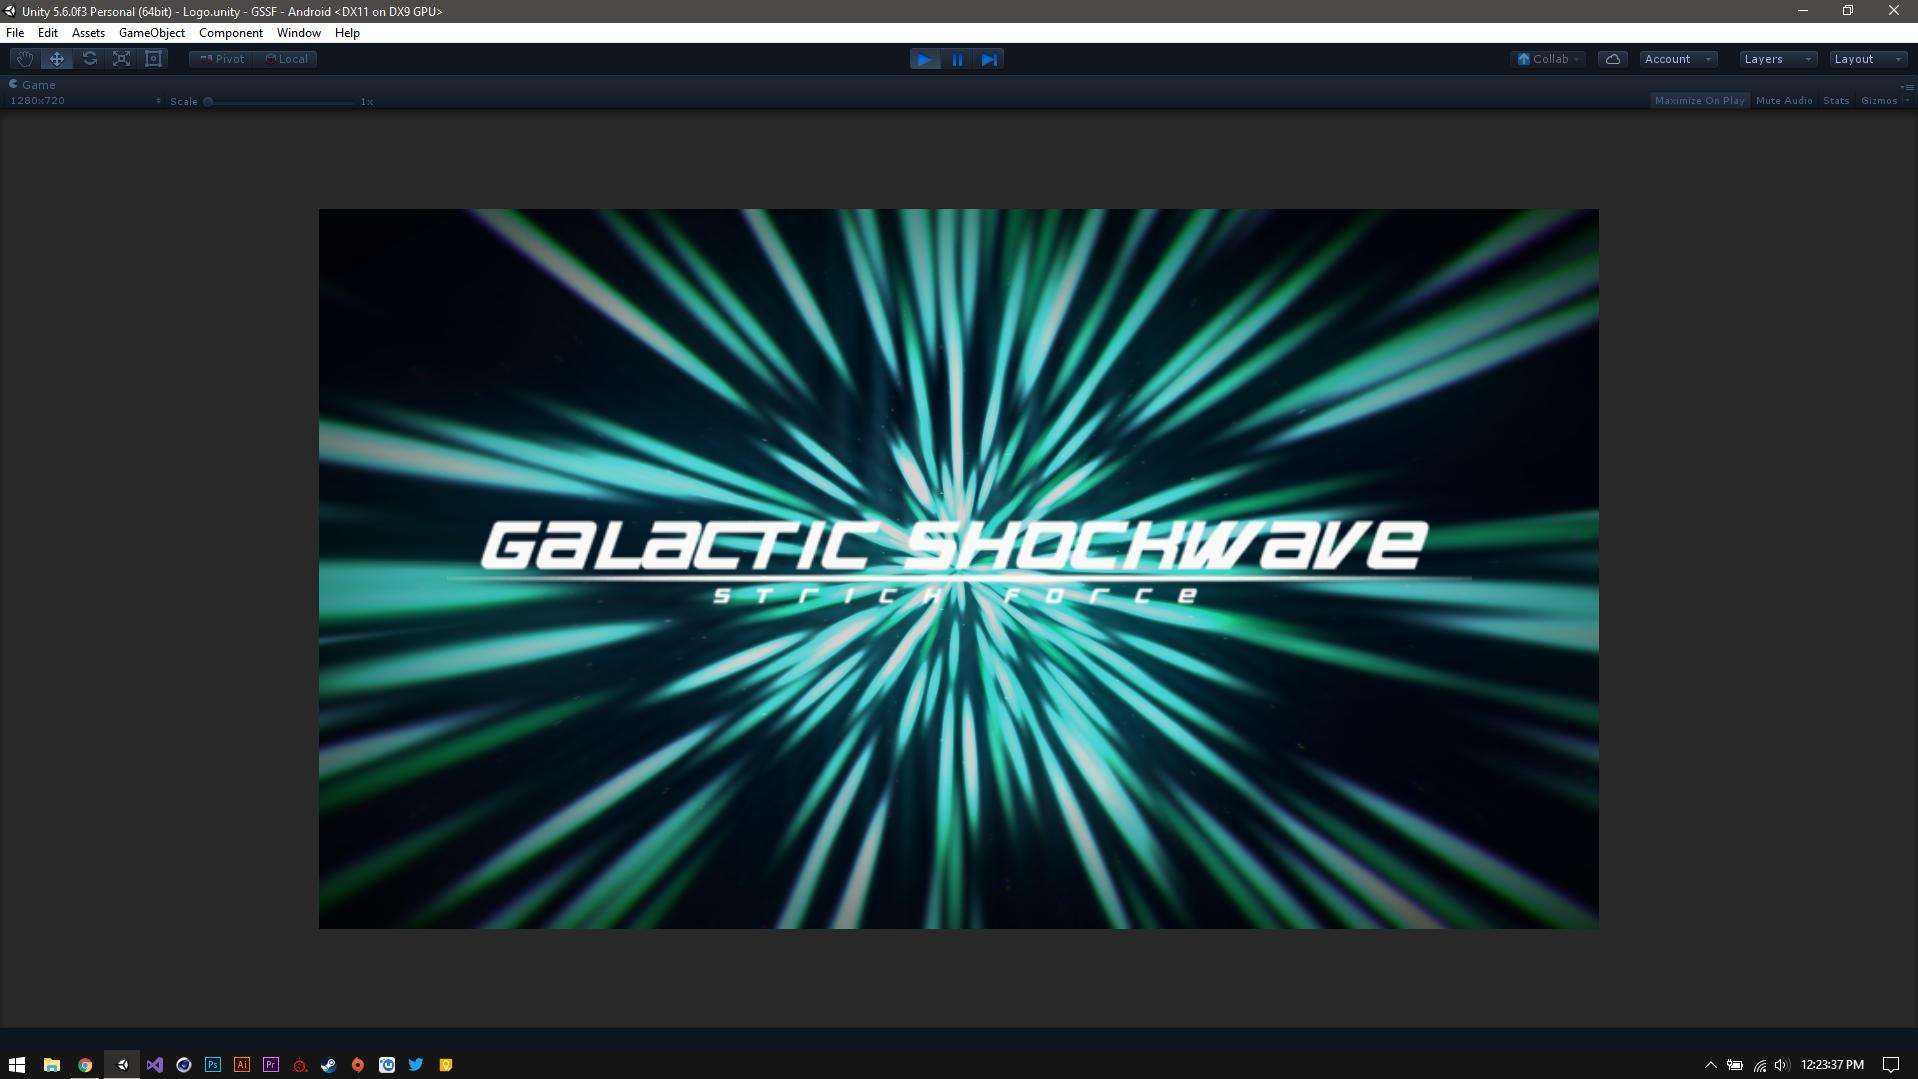 Galactic Shockwave